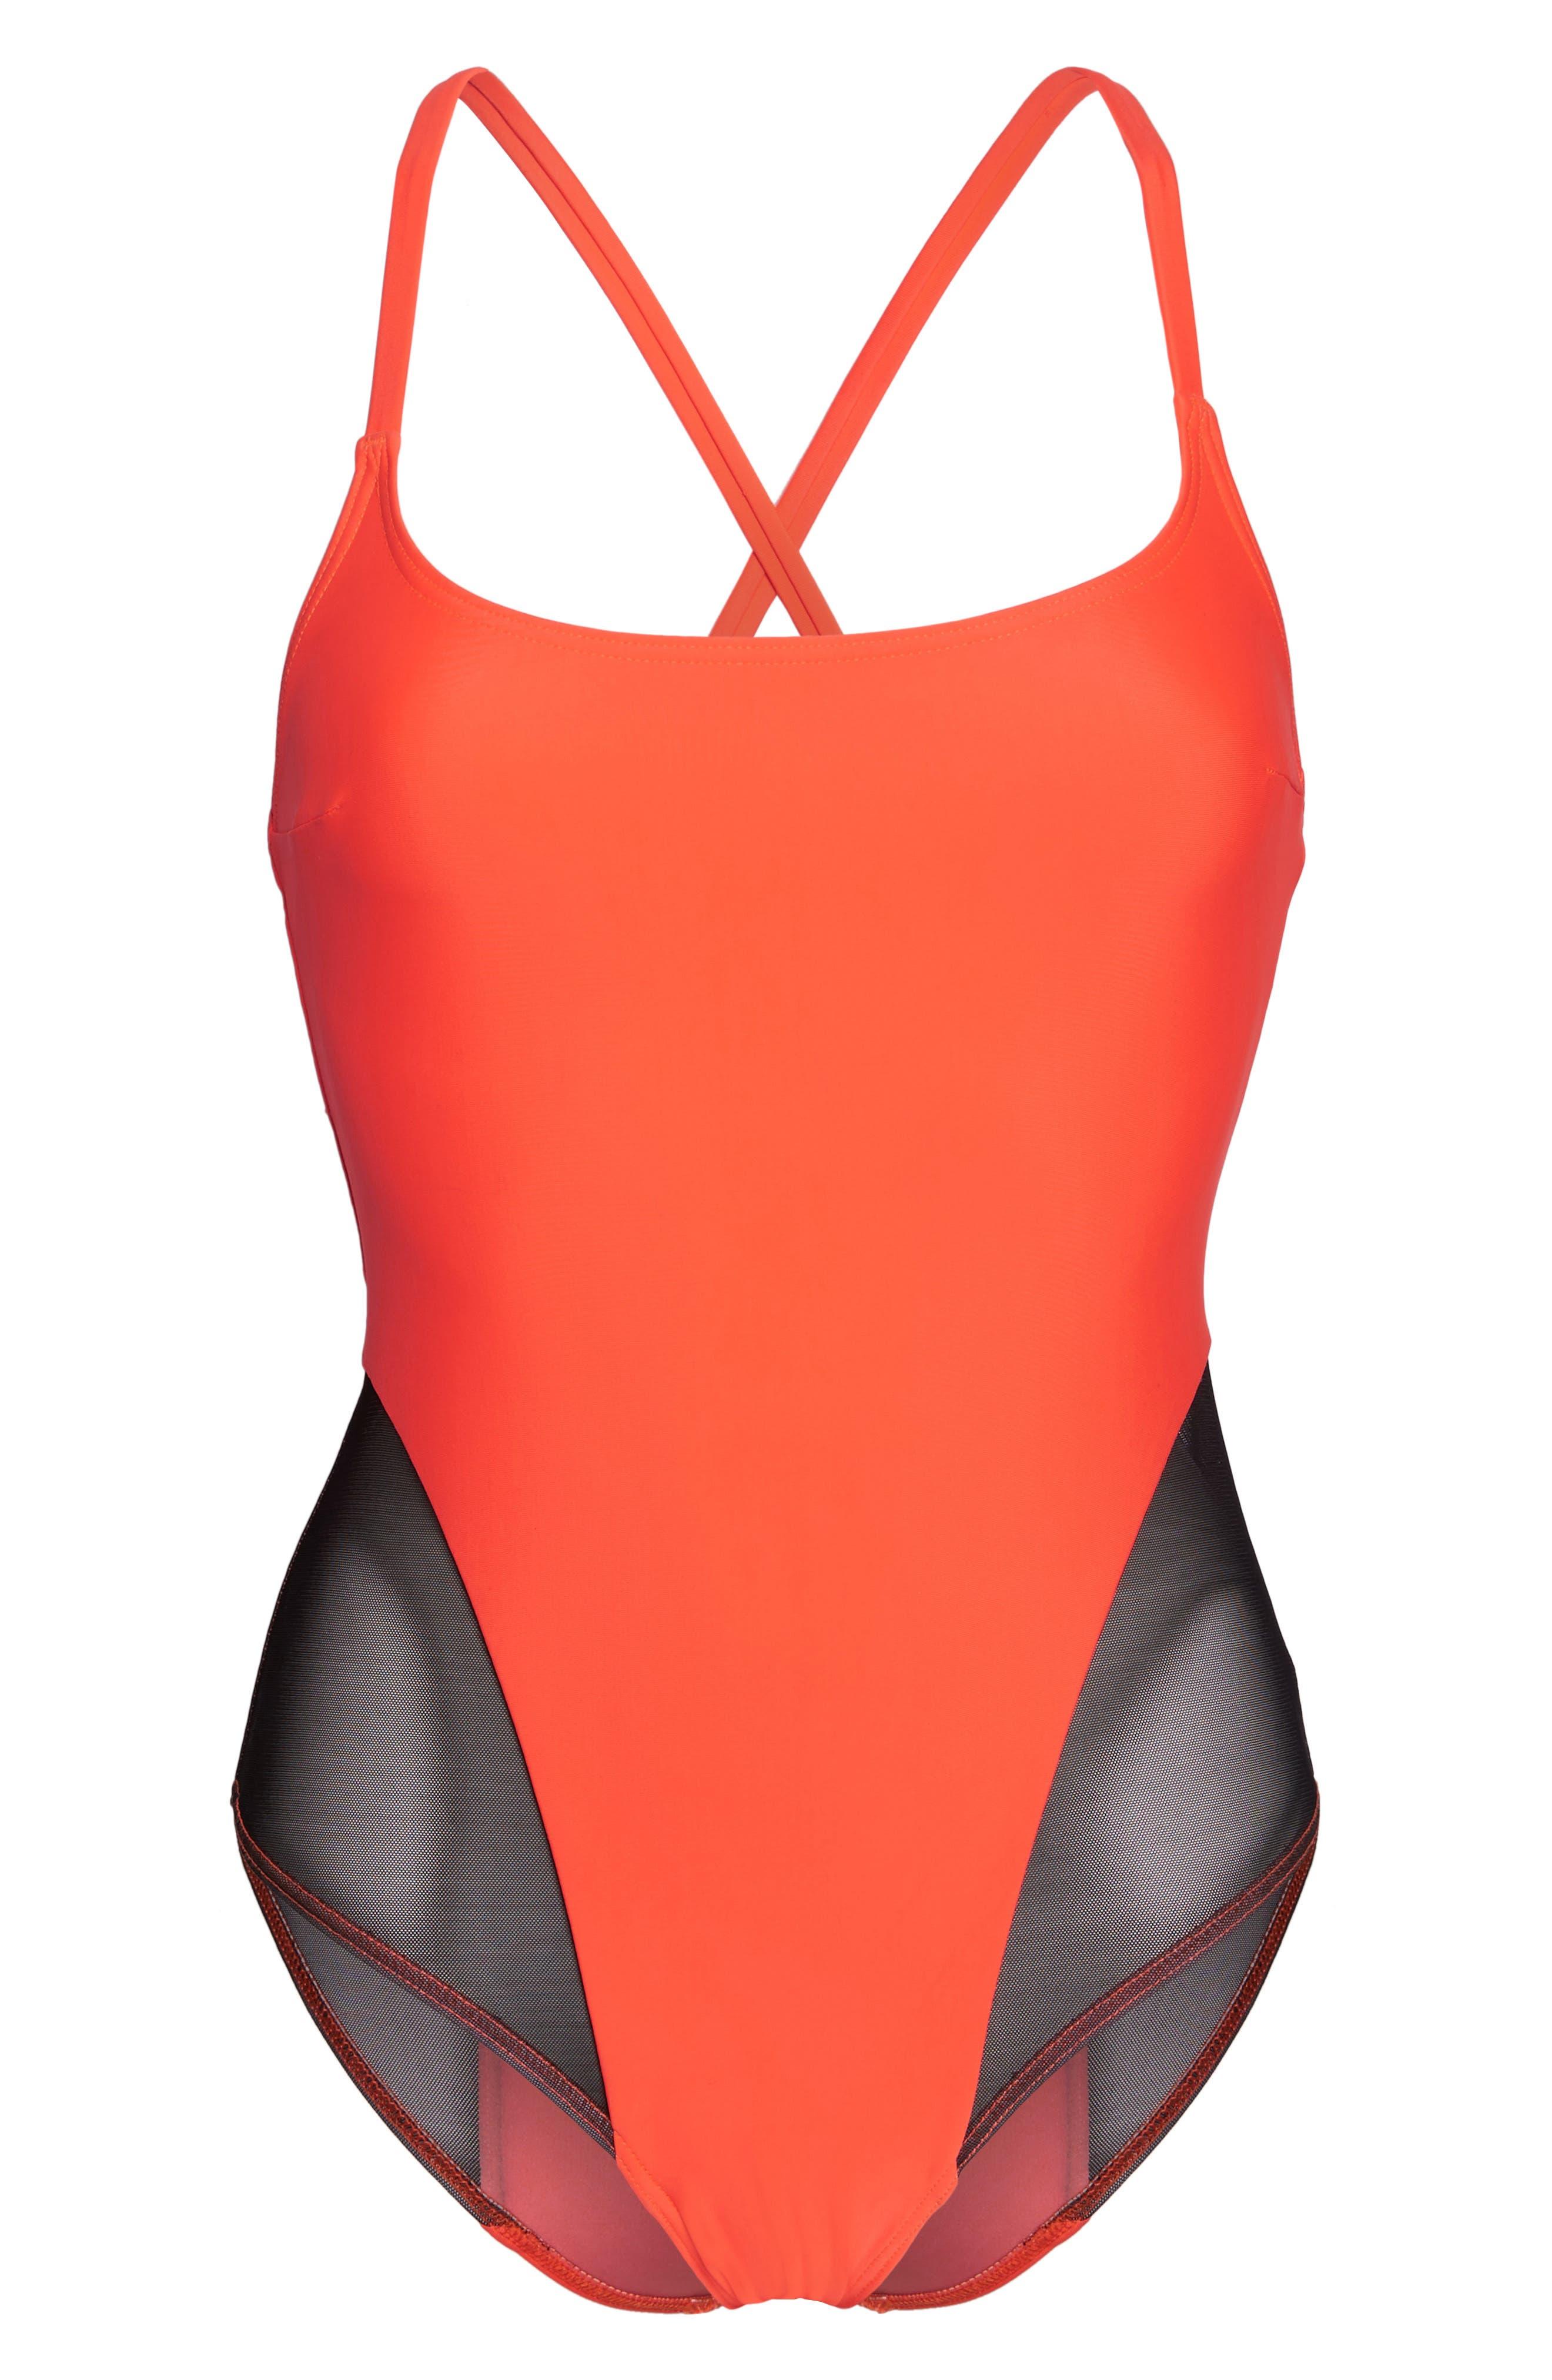 Delta X One-Piece Swimsuit,                             Alternate thumbnail 6, color,                             Neon Lava Orange